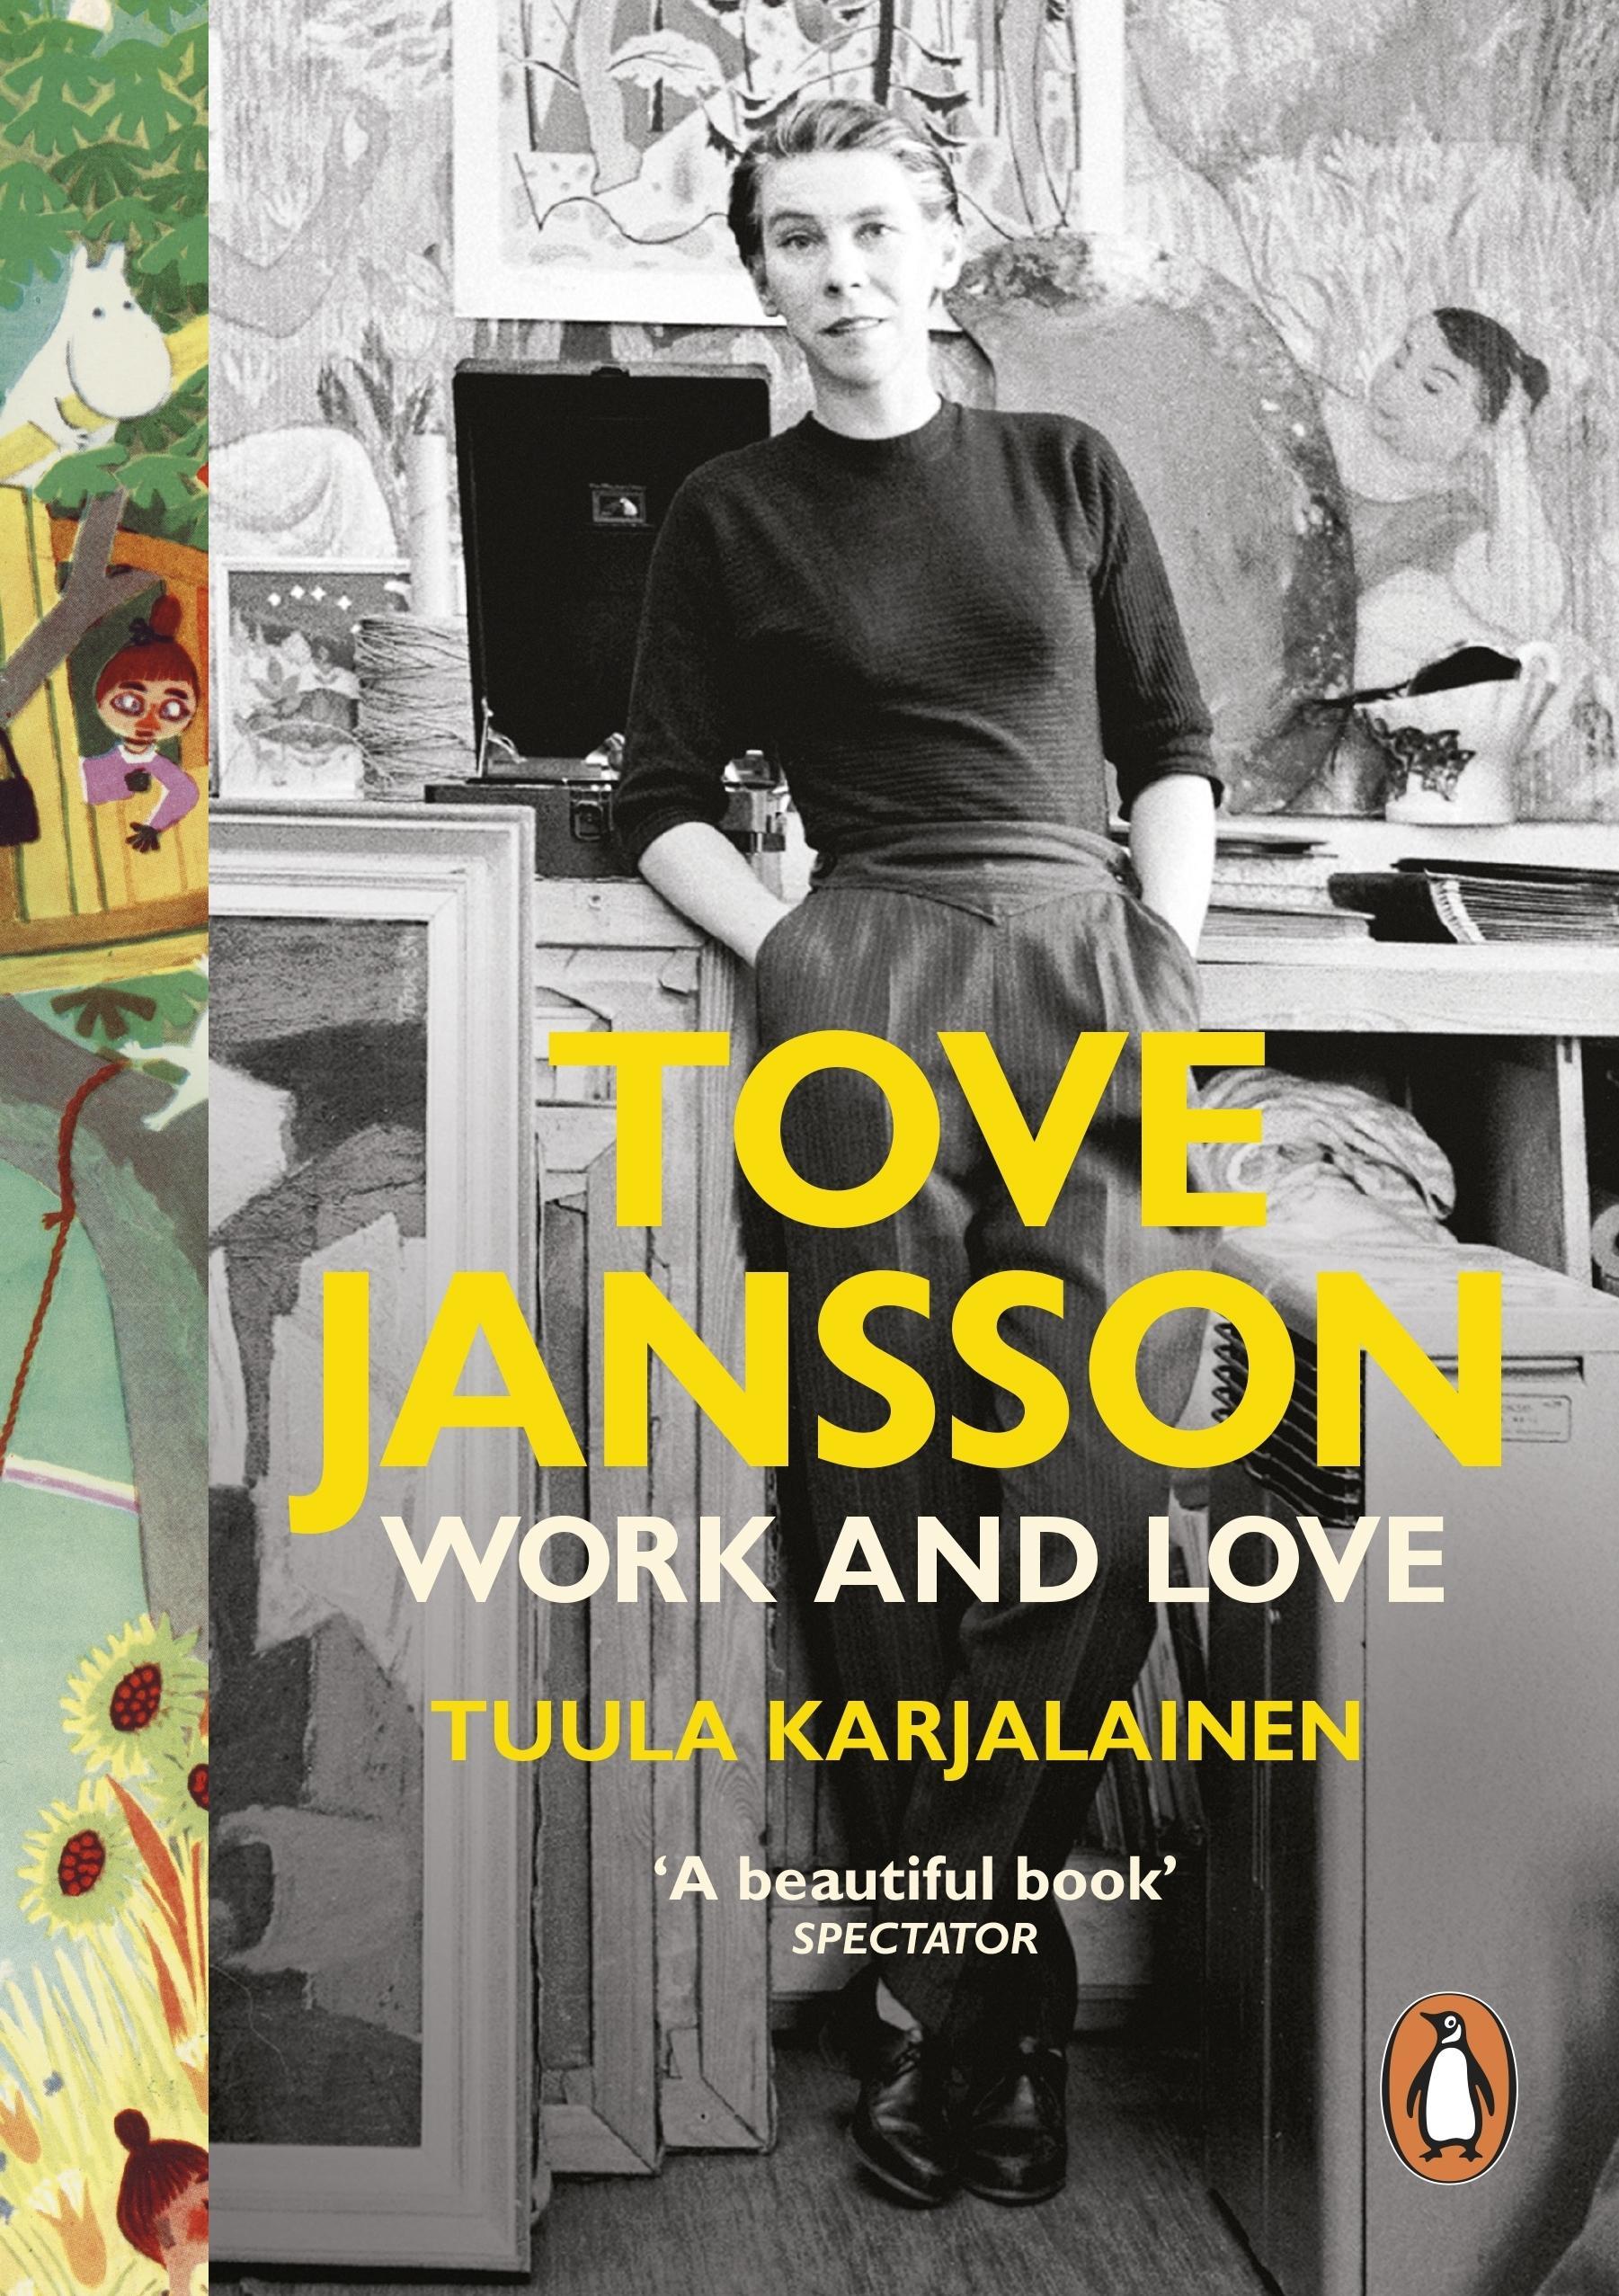 Tove Jansson: WorkandLove